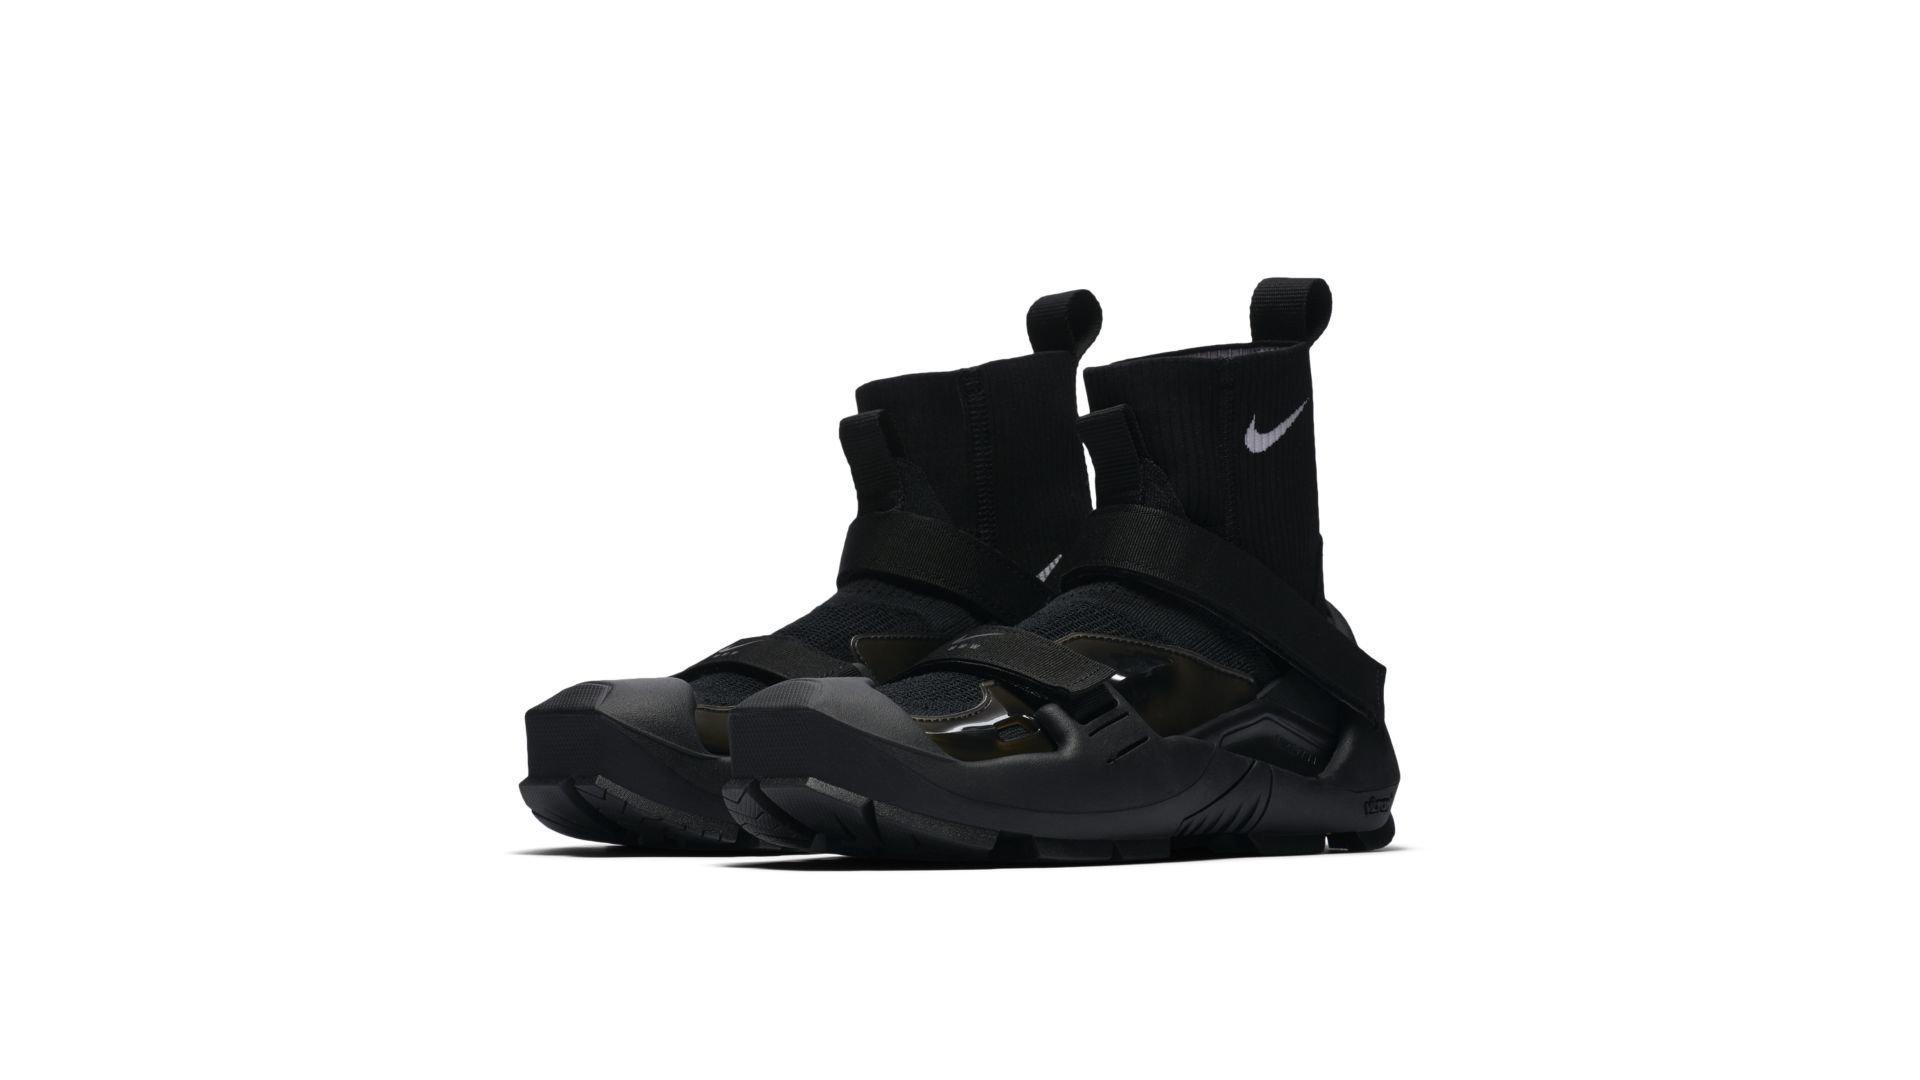 Nike Free TR 3 Flyknit SP MMW Black (W) (AQ9201-001)